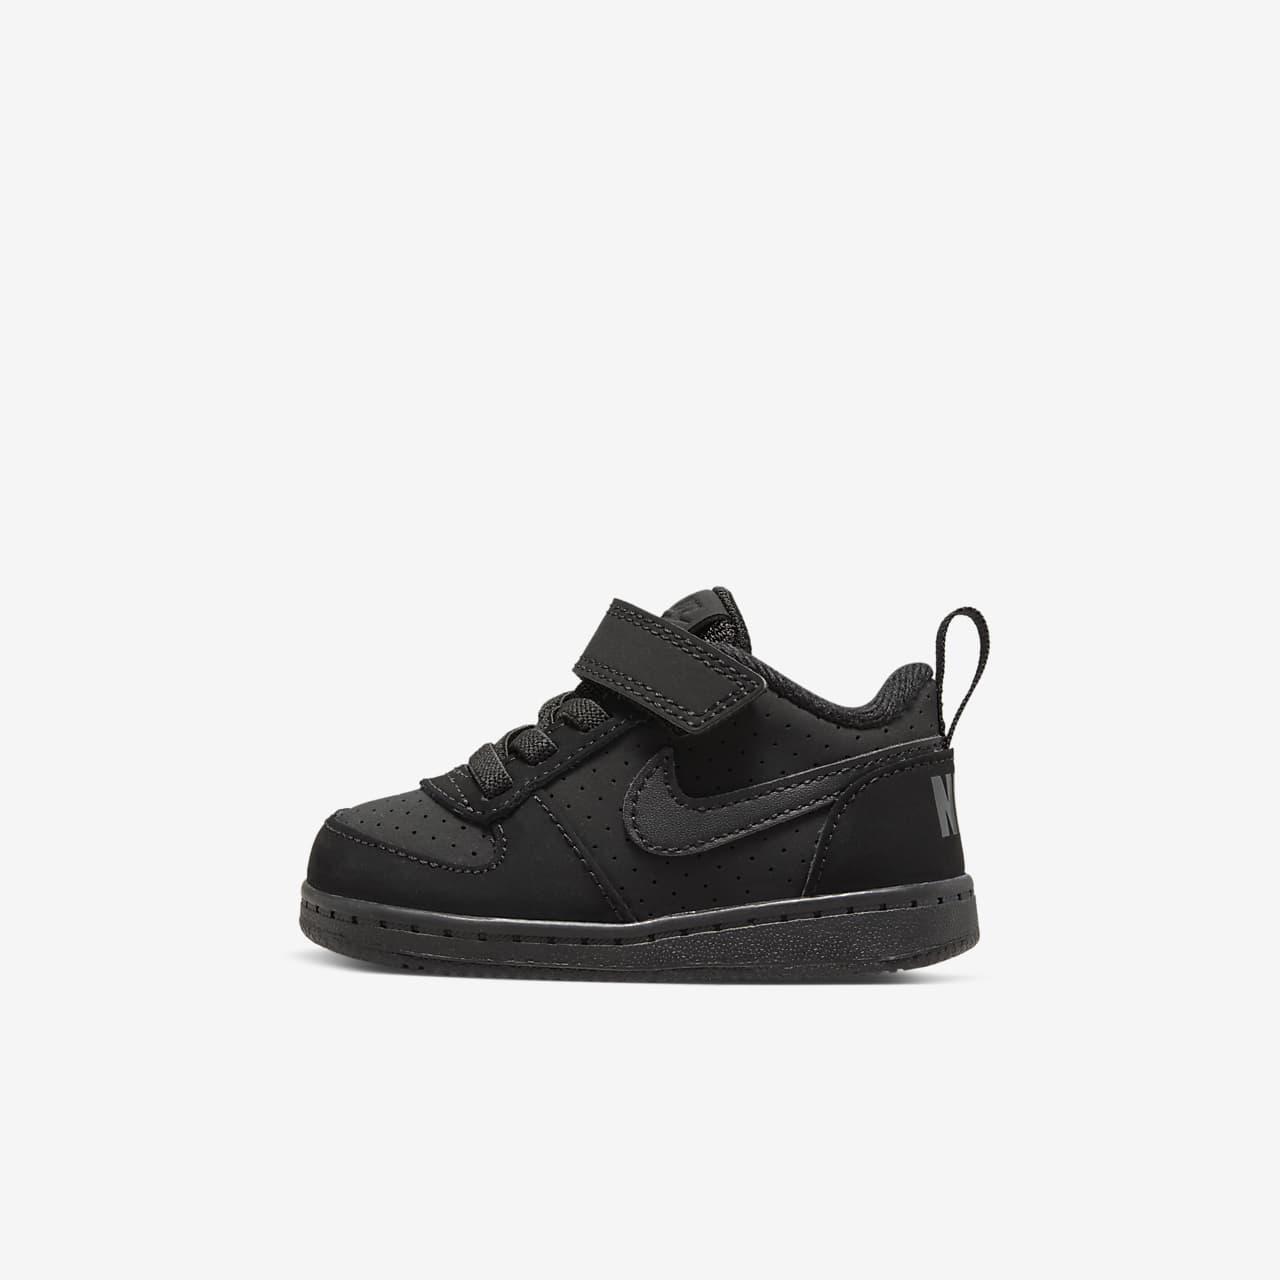 Chaussures Adidas EQT Support 38 noires Casual enfant 83XQtHDWZj